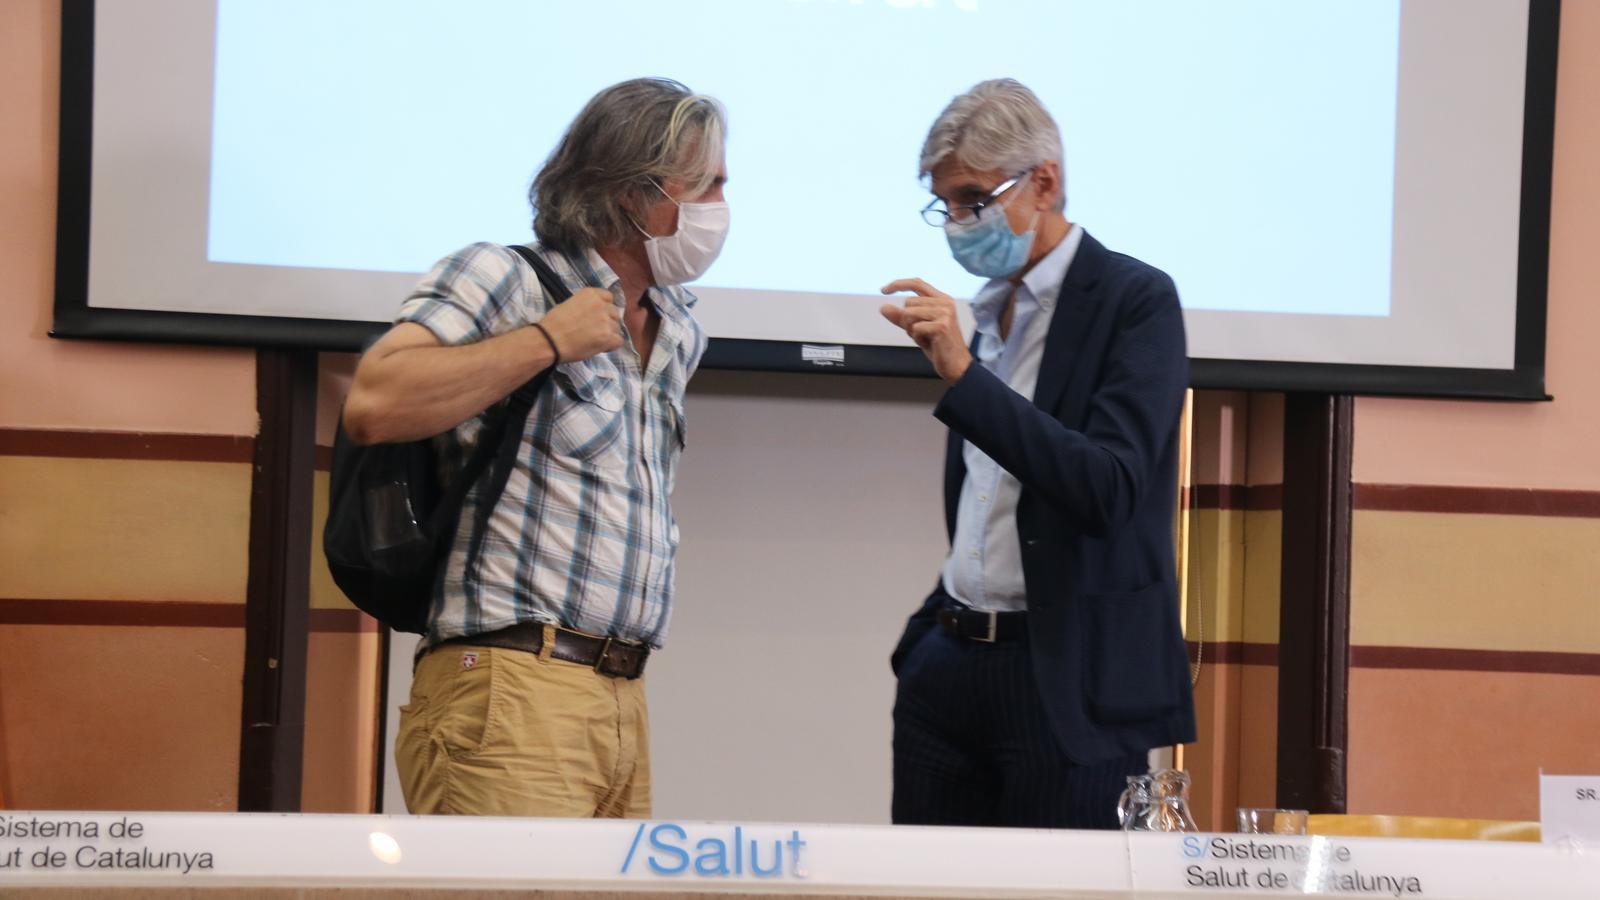 EN DIRECTE | Salut fa una valoració sobre la situació del covid-19 a Catalunya